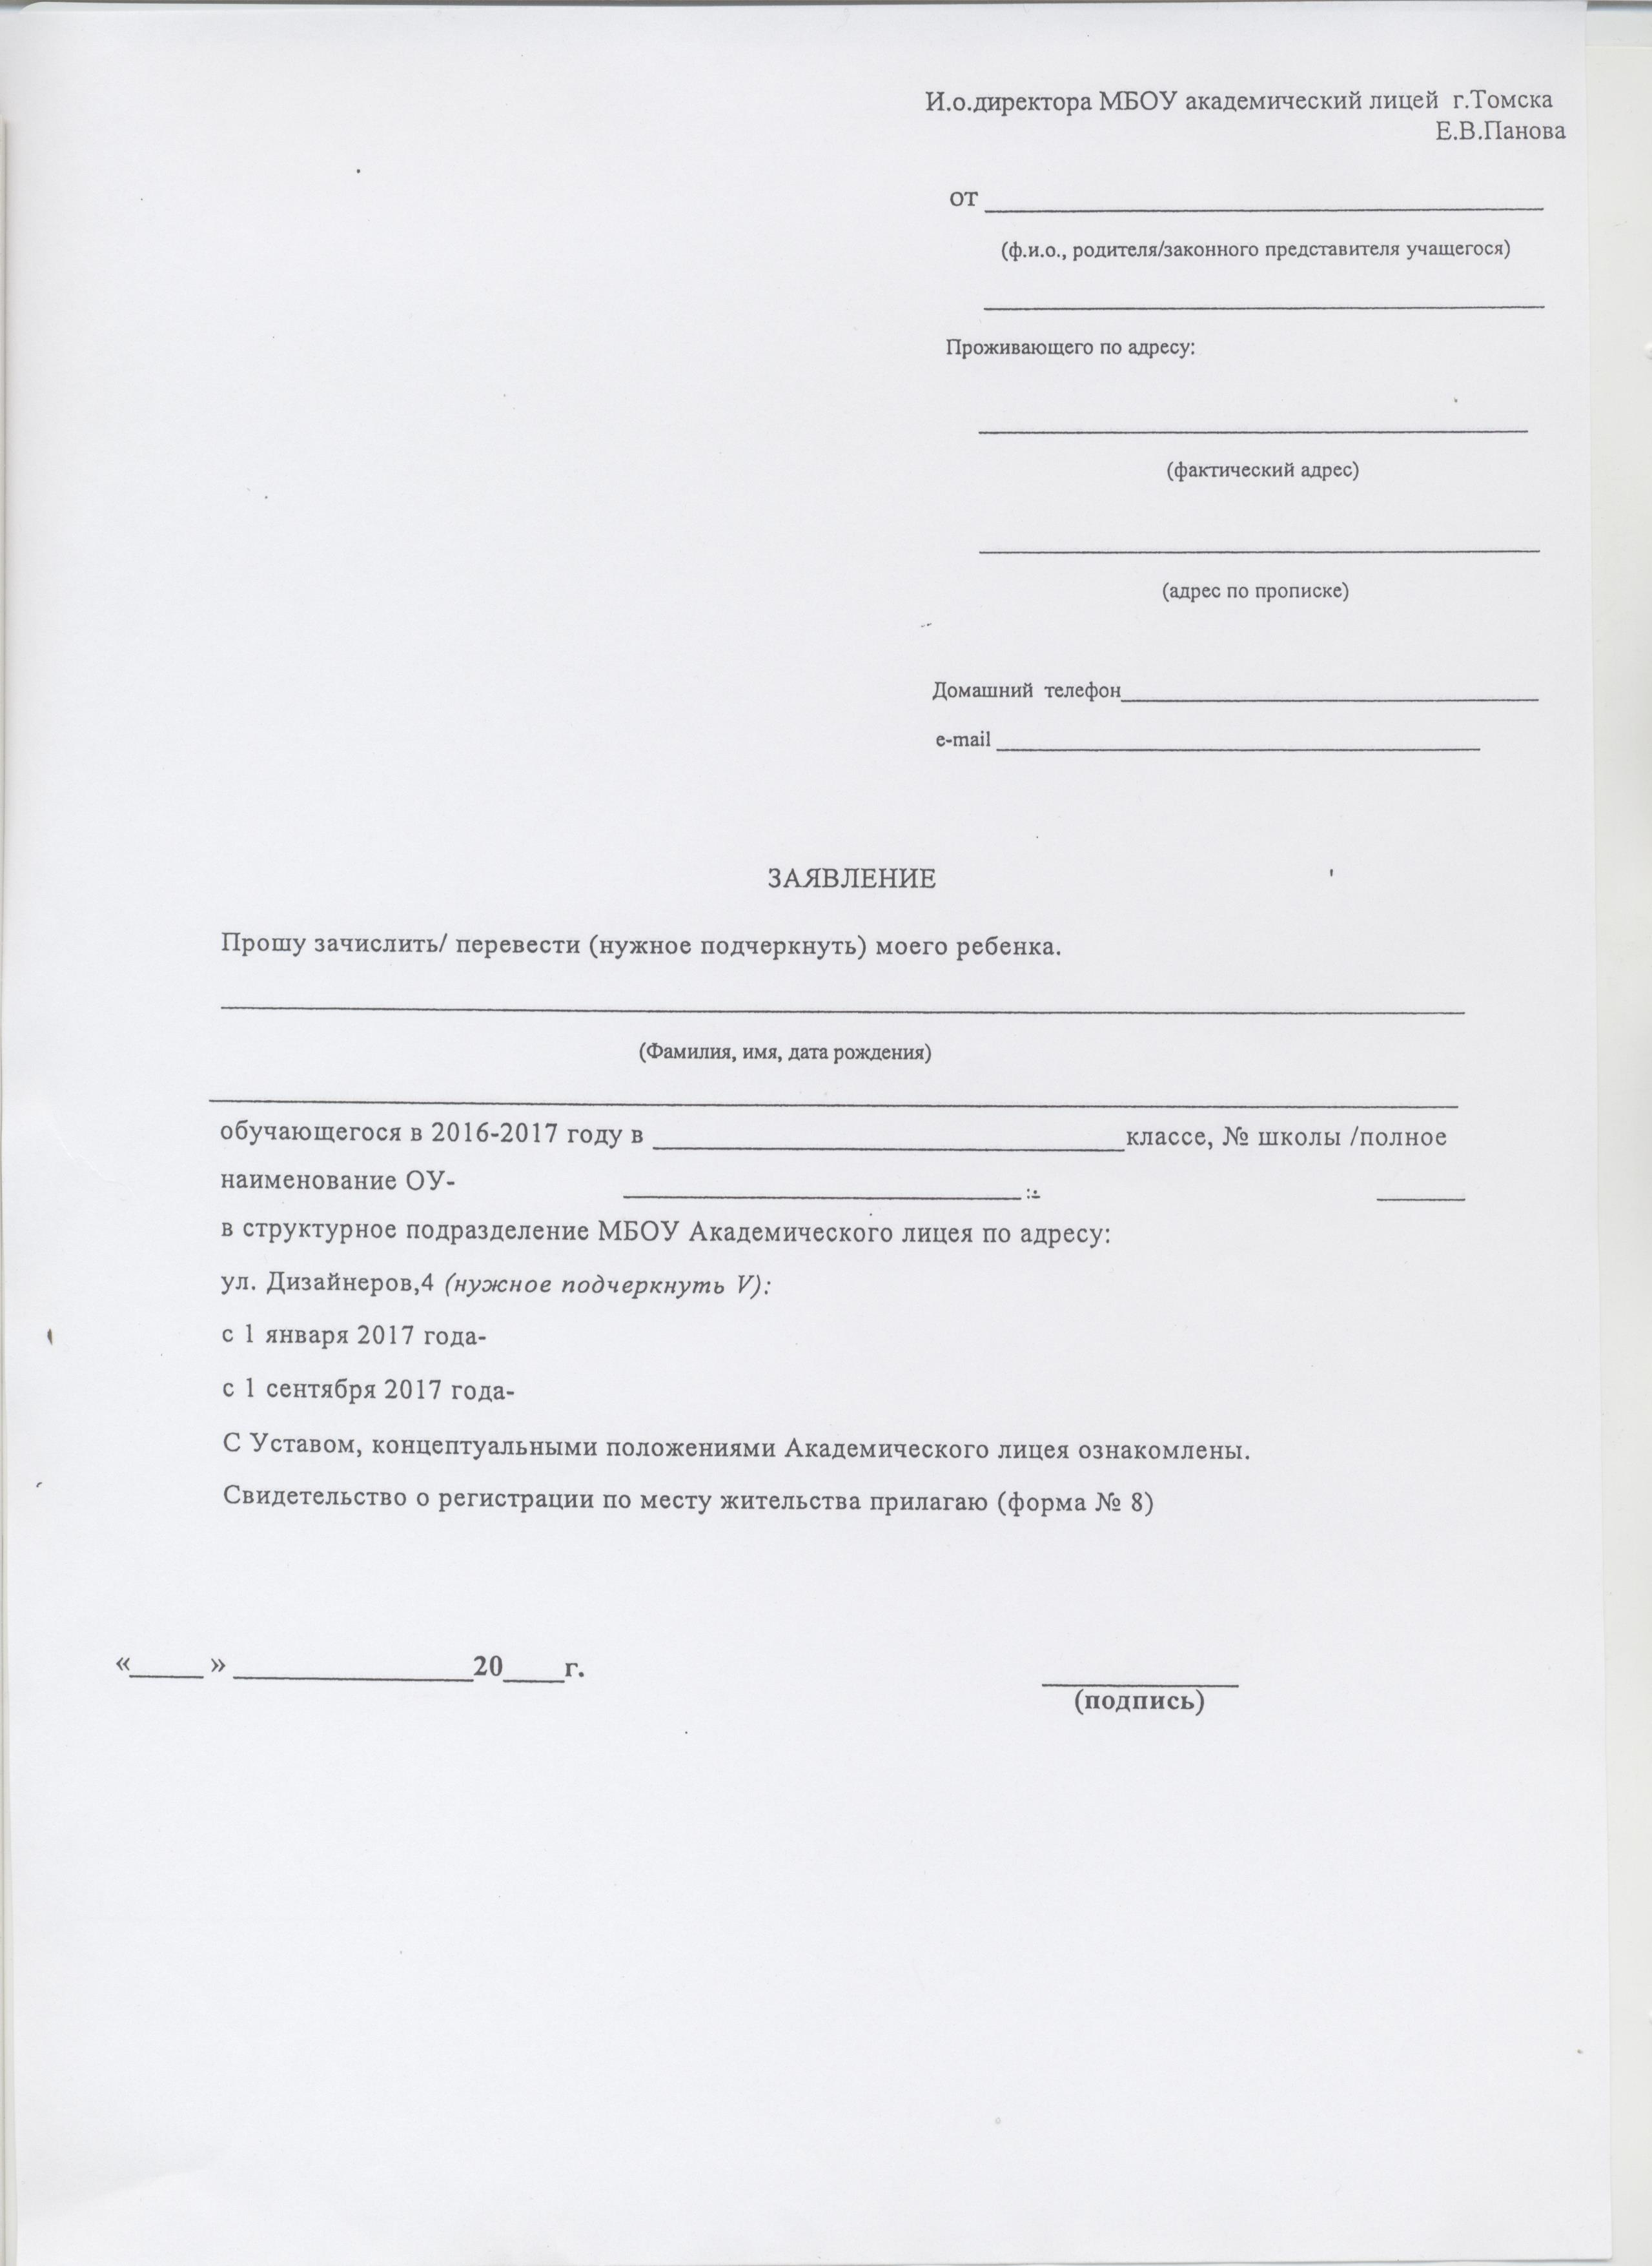 схема формирования спроса на электронный дневник